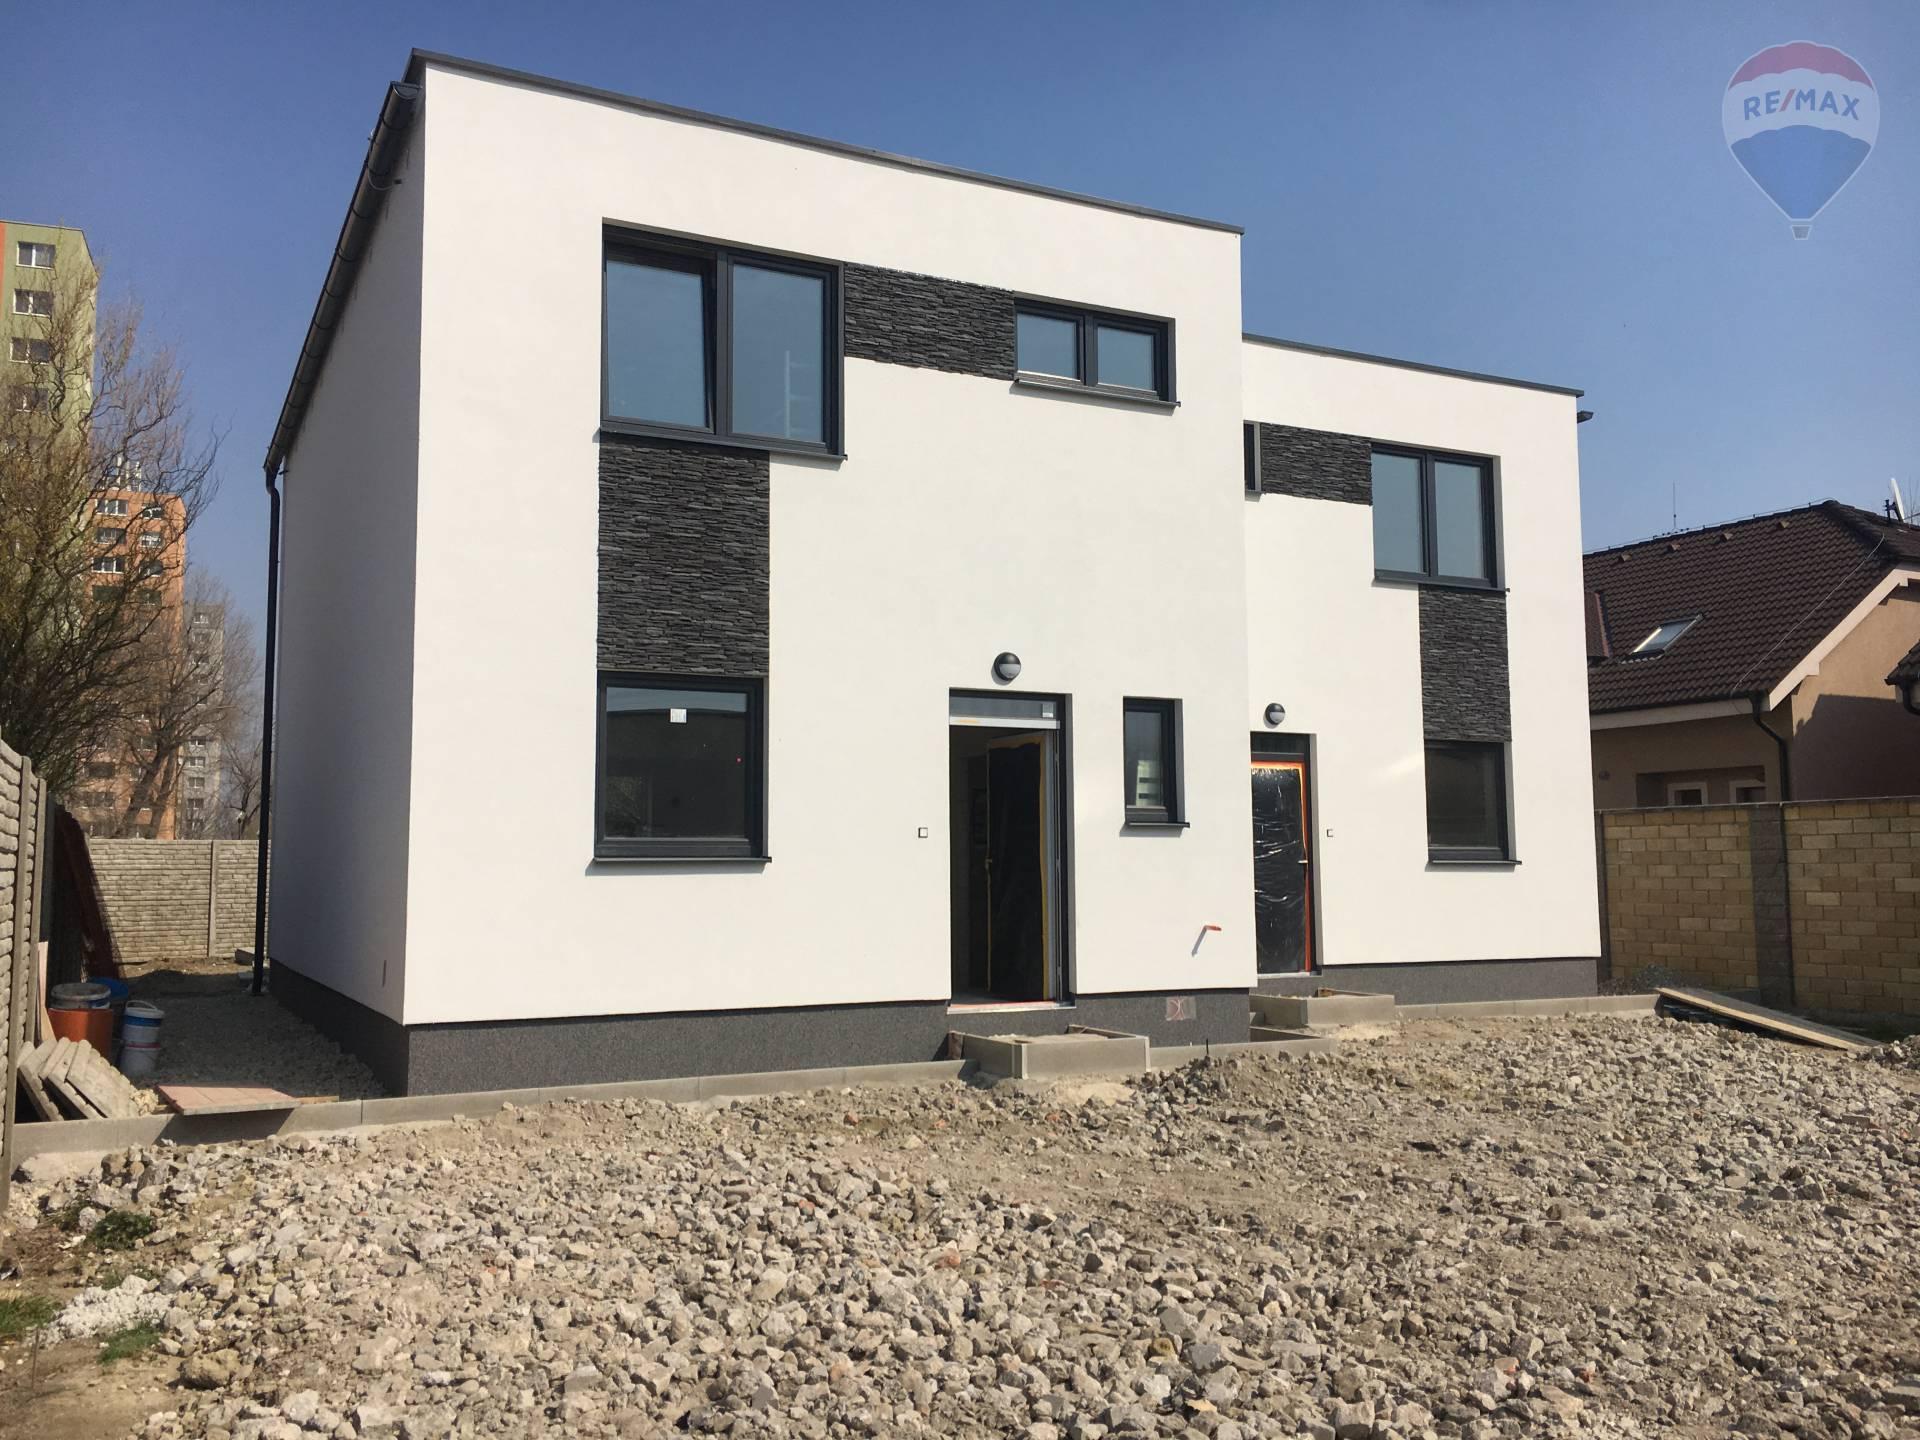 Predaj bytu (4-izbovy) 110 m2, Bratislava - Podunajske Biskupice